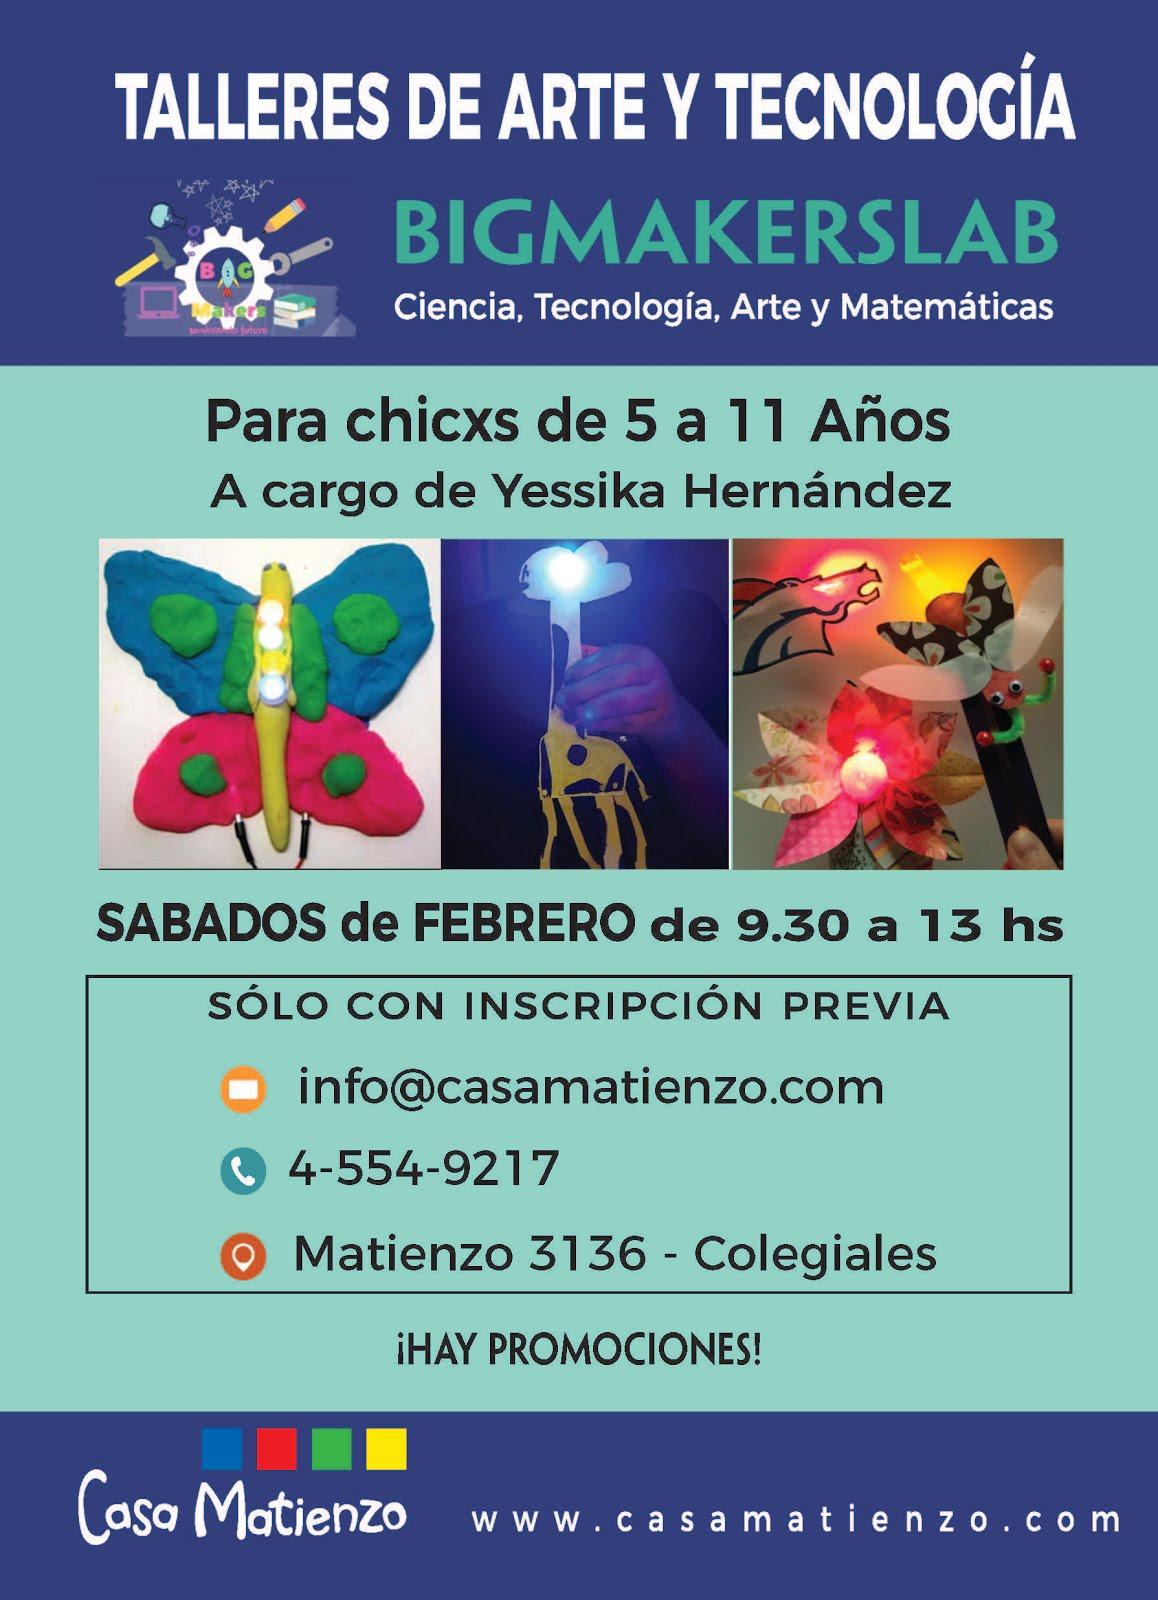 TALLER DE ARTE Y  TECNOLOGÍA para chicxos de 5 a 11 años